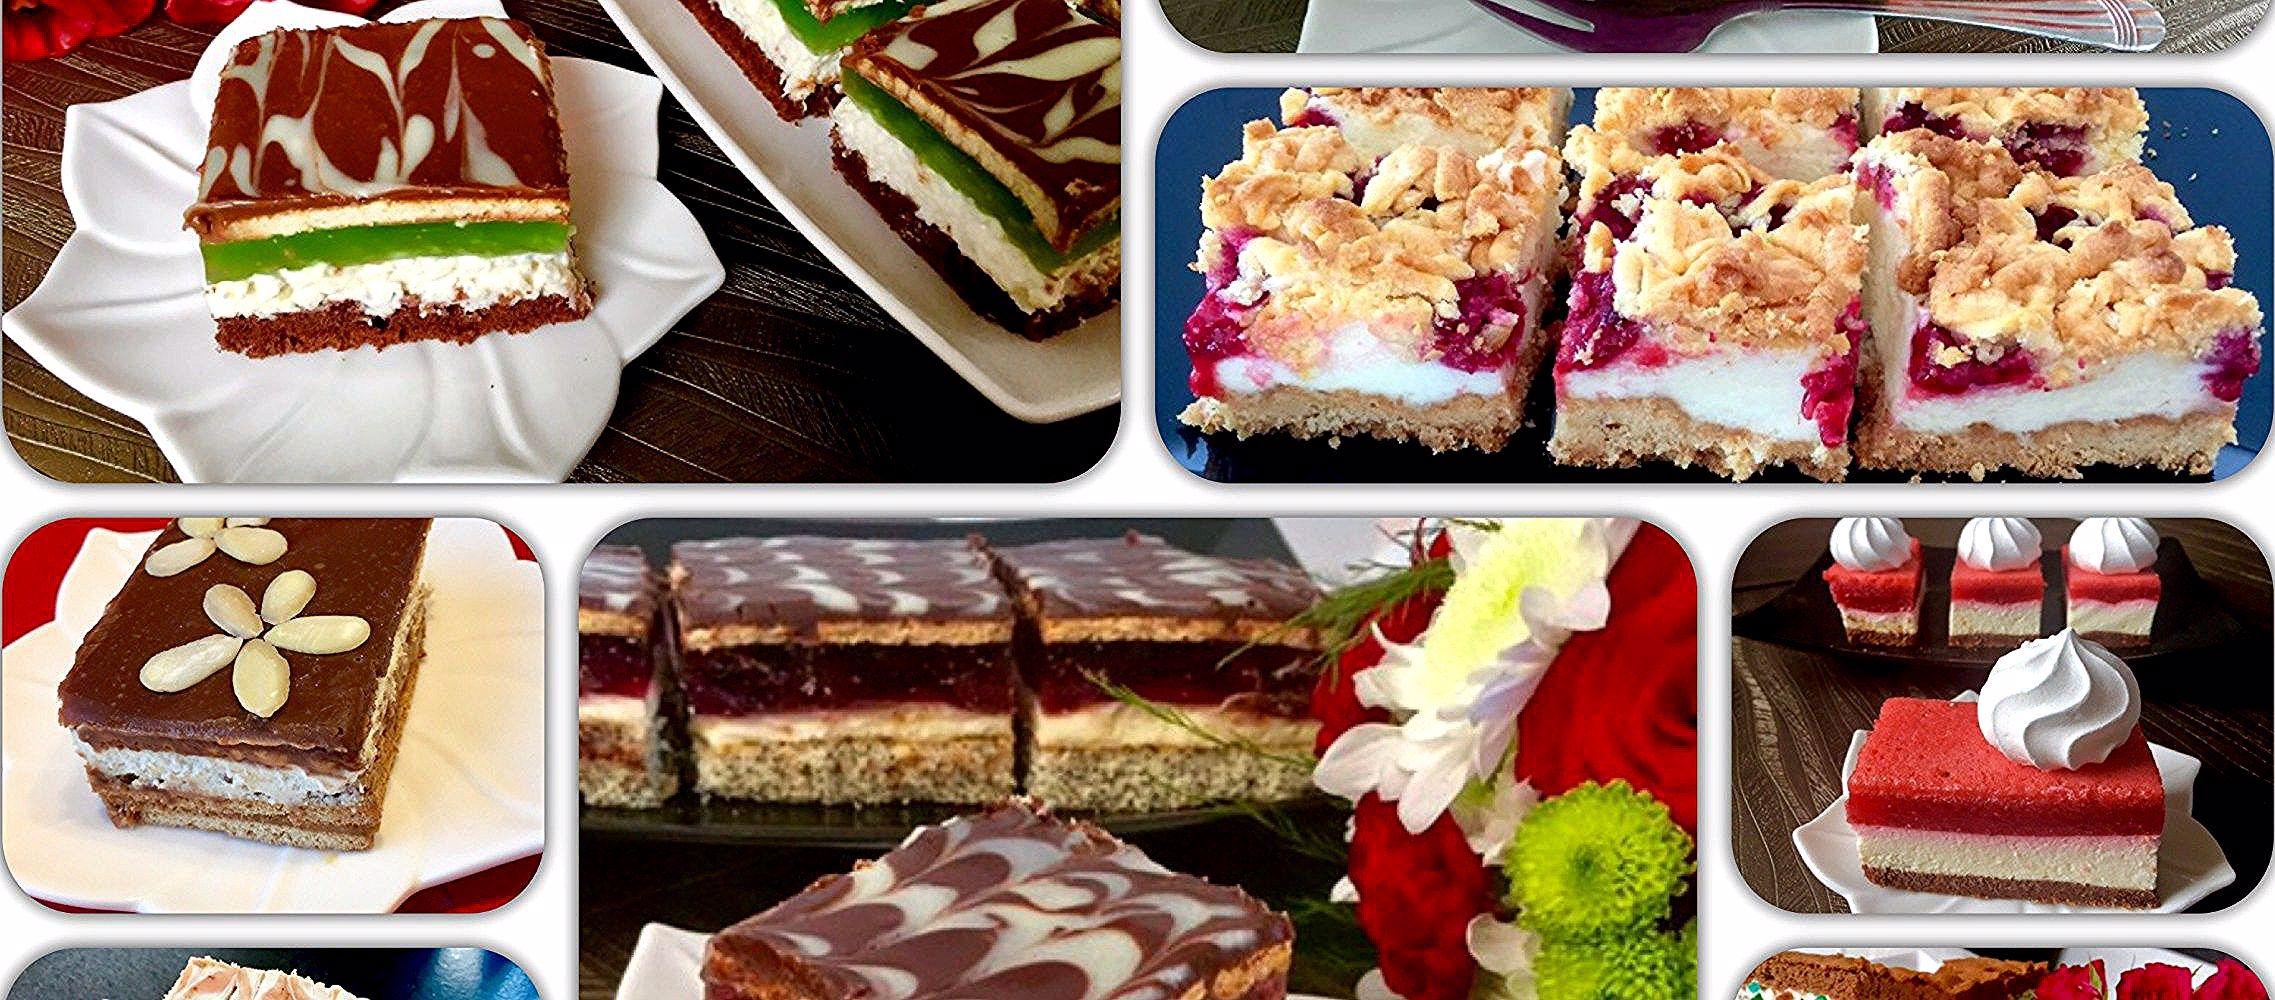 Sprawdzone Przepisy Na Smaczne I Zdrowe Potrawy Szybkie Dania Kuchnia Polska Kuchnia Meksykanska Kuchnia Wloska Zdrowa Kuchnia Ku Food Desserts Breakfast